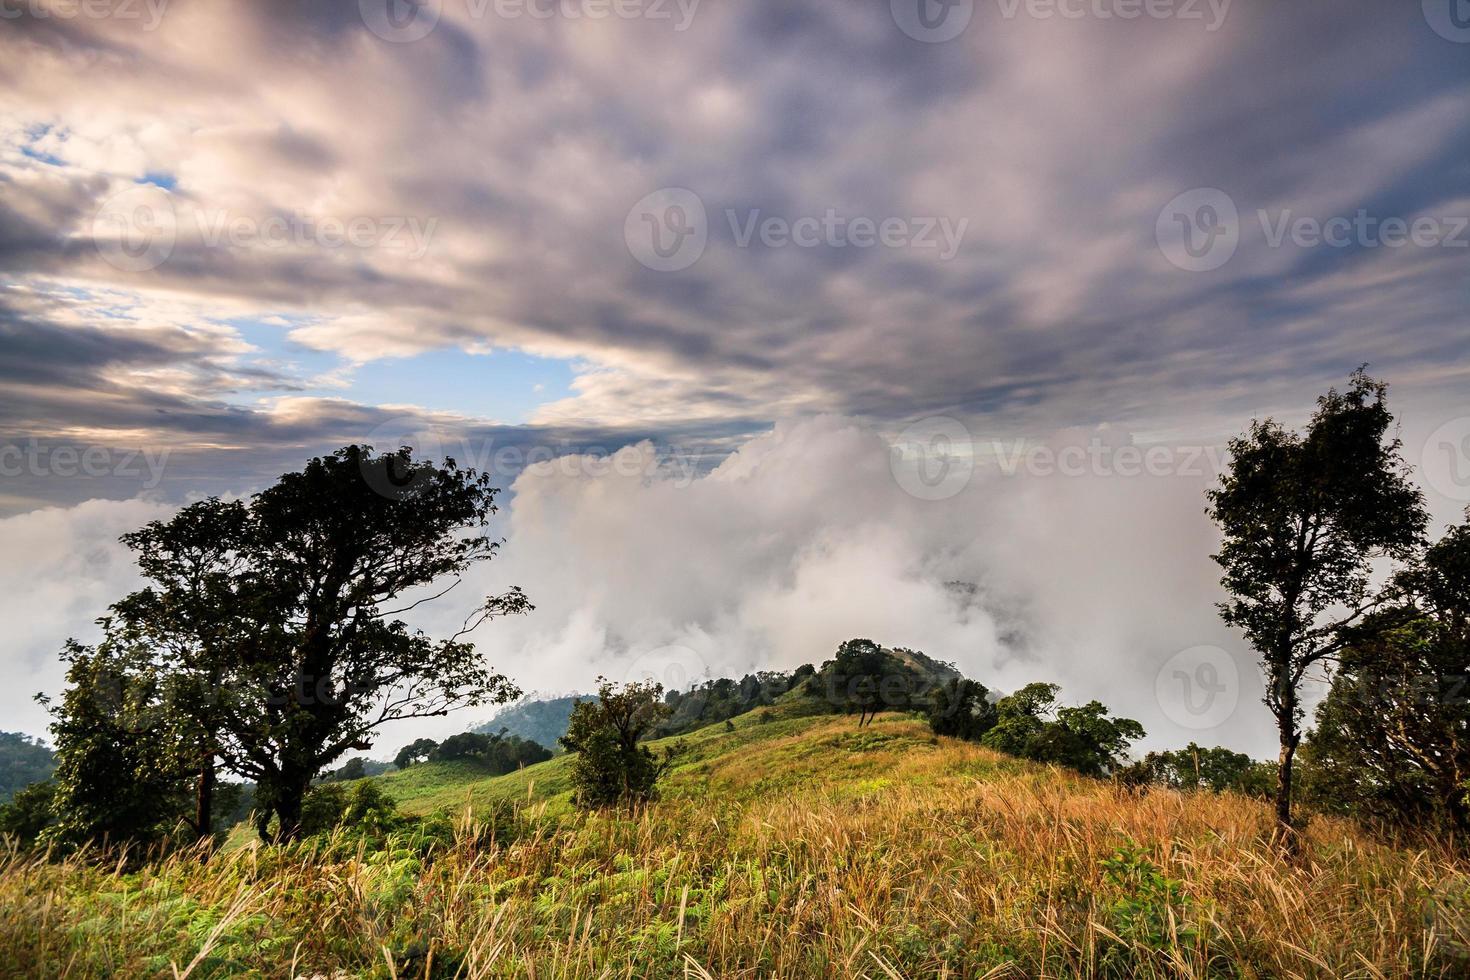 bosque de montaña y lloviendo niebla cielo azul foto